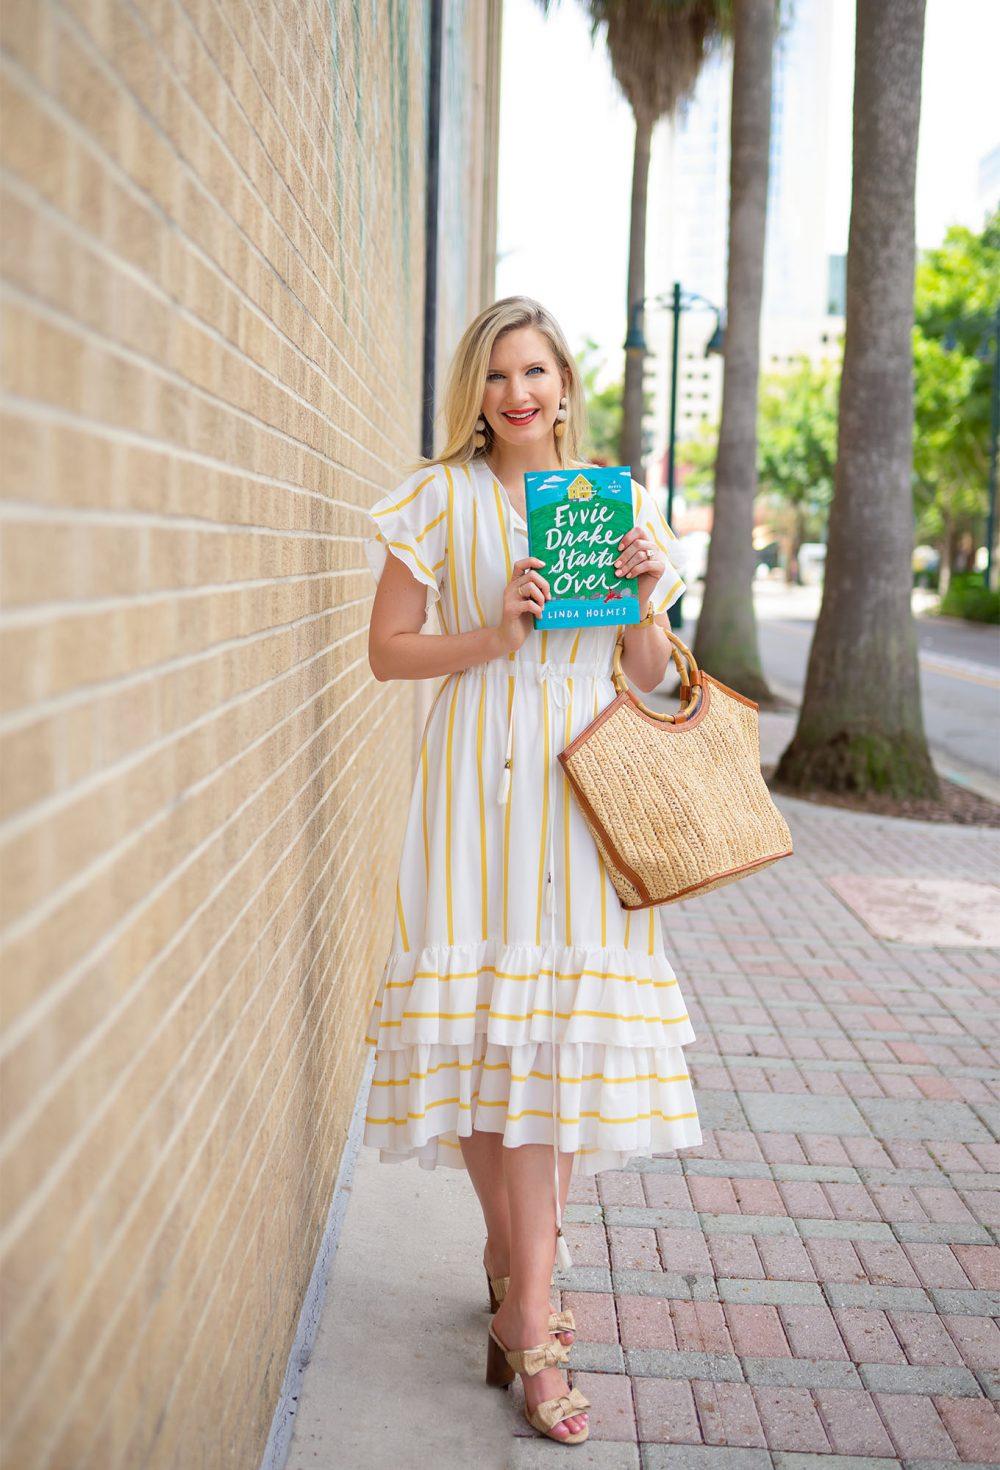 Evvie Drake Starts Over - Ashley Brooke Book Club - 4 - V Blog Crop